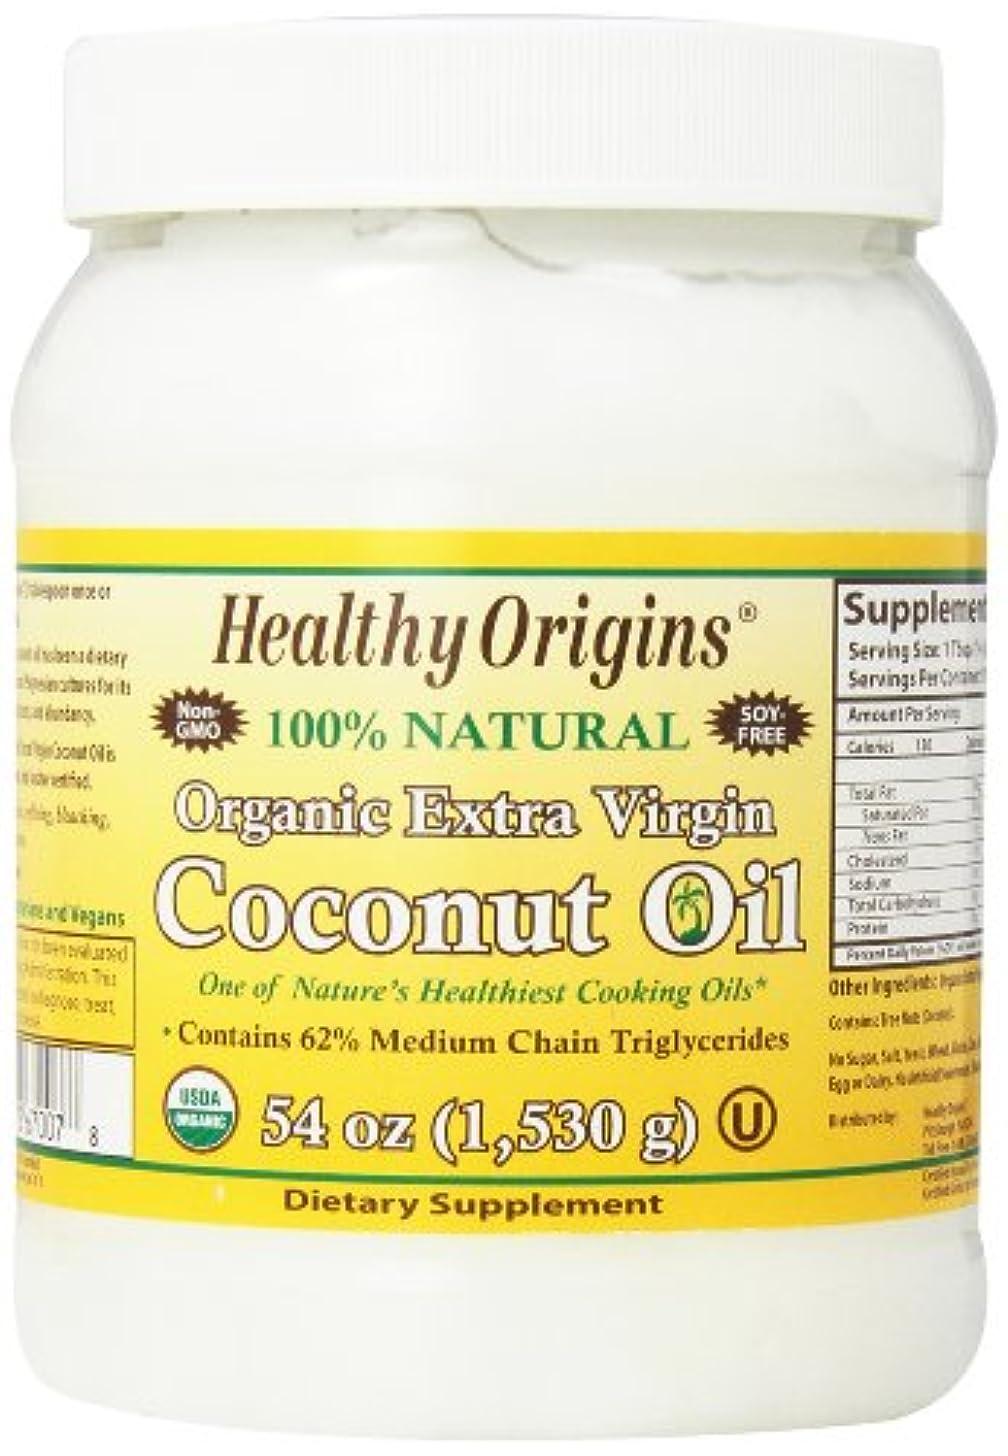 仲介者私擁する海外直送品Organic Extra Virgin Coconut Oil, 54 Oz by Healthy Origins